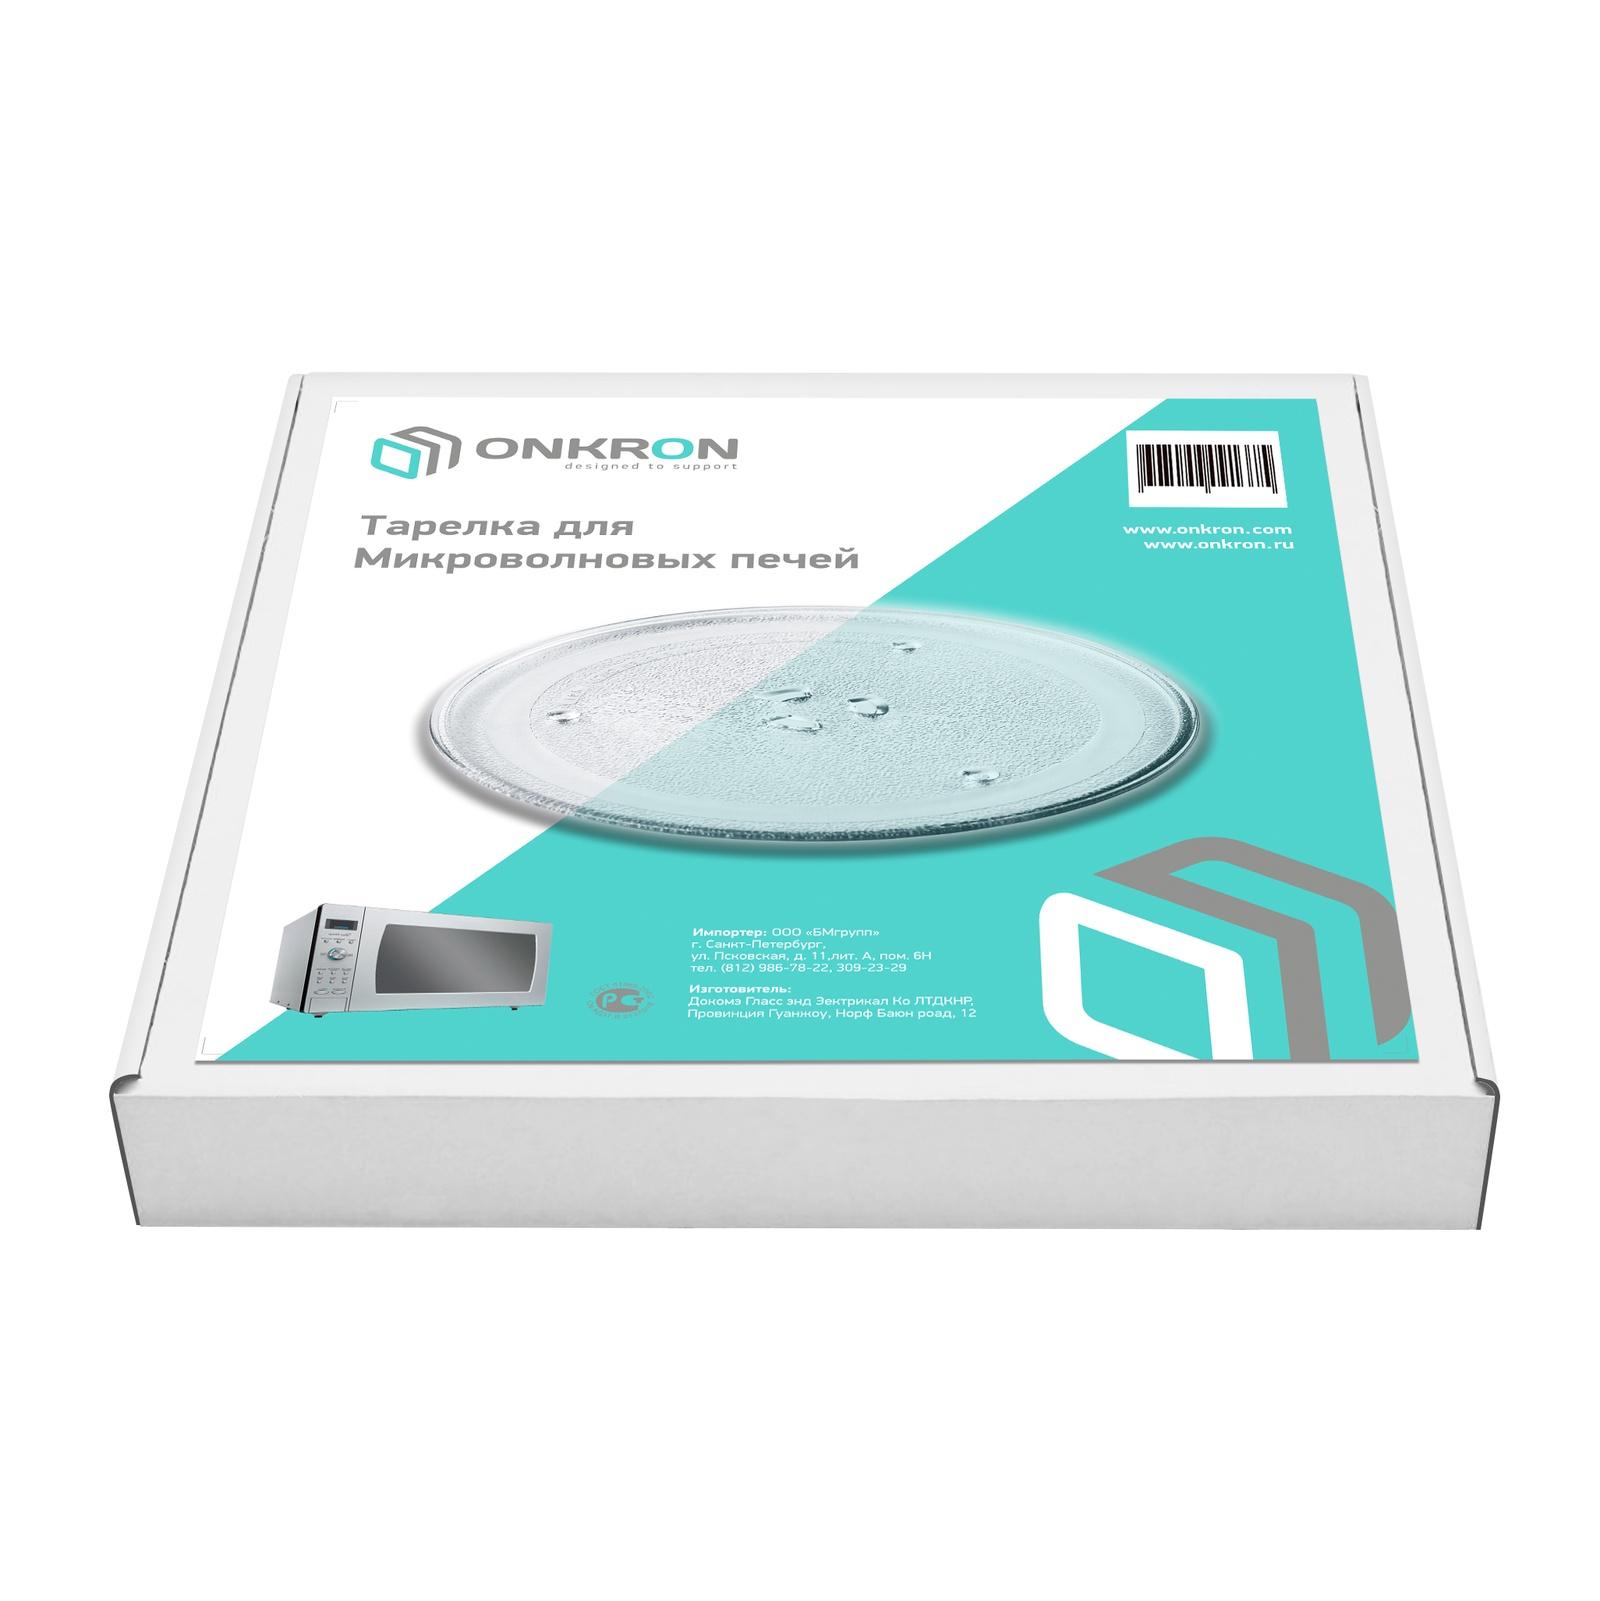 ONKRONтарелка для микроволновой печи (СВЧ печи) LG (245 мм, без куплера), прозрачная 3390W1A035A ONKRON